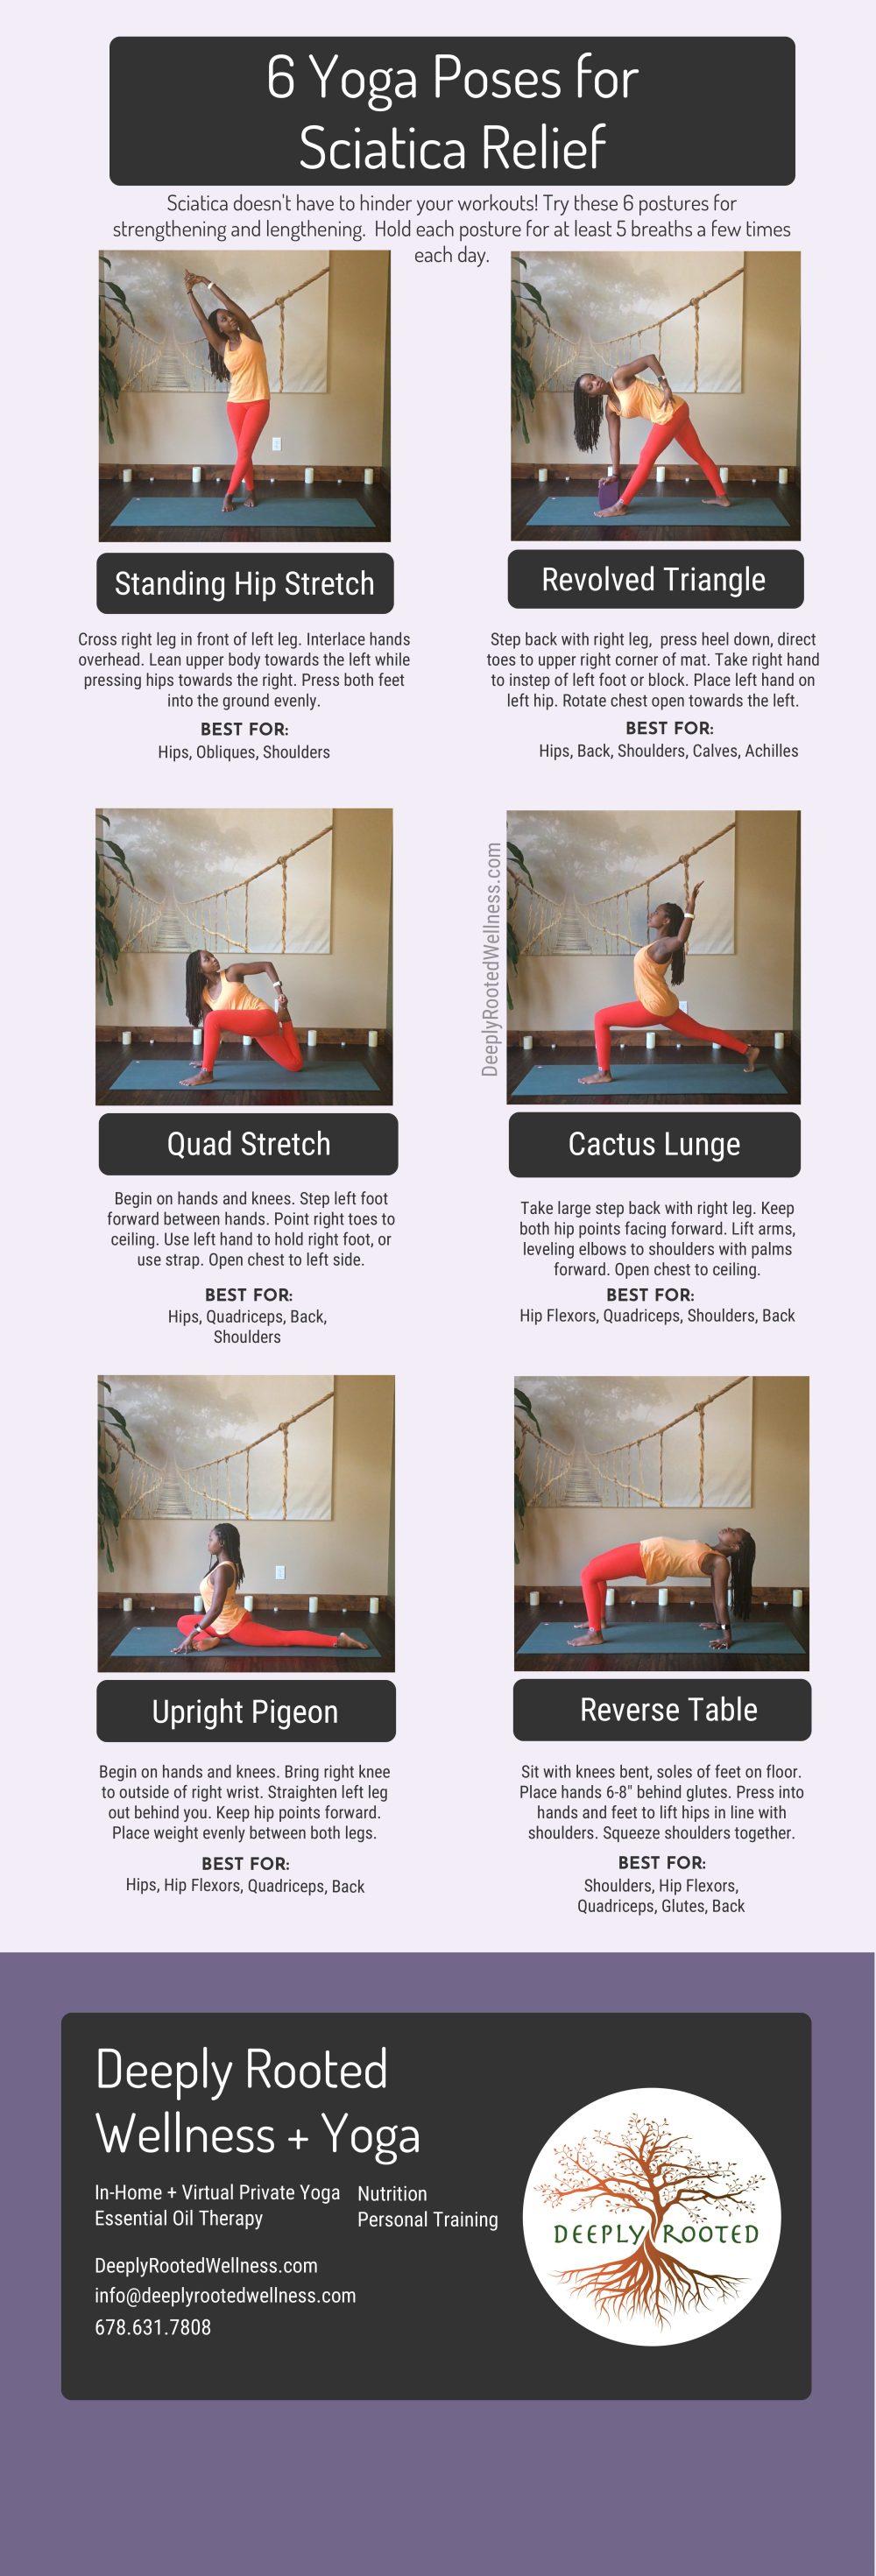 yoga postures for sciatica pain